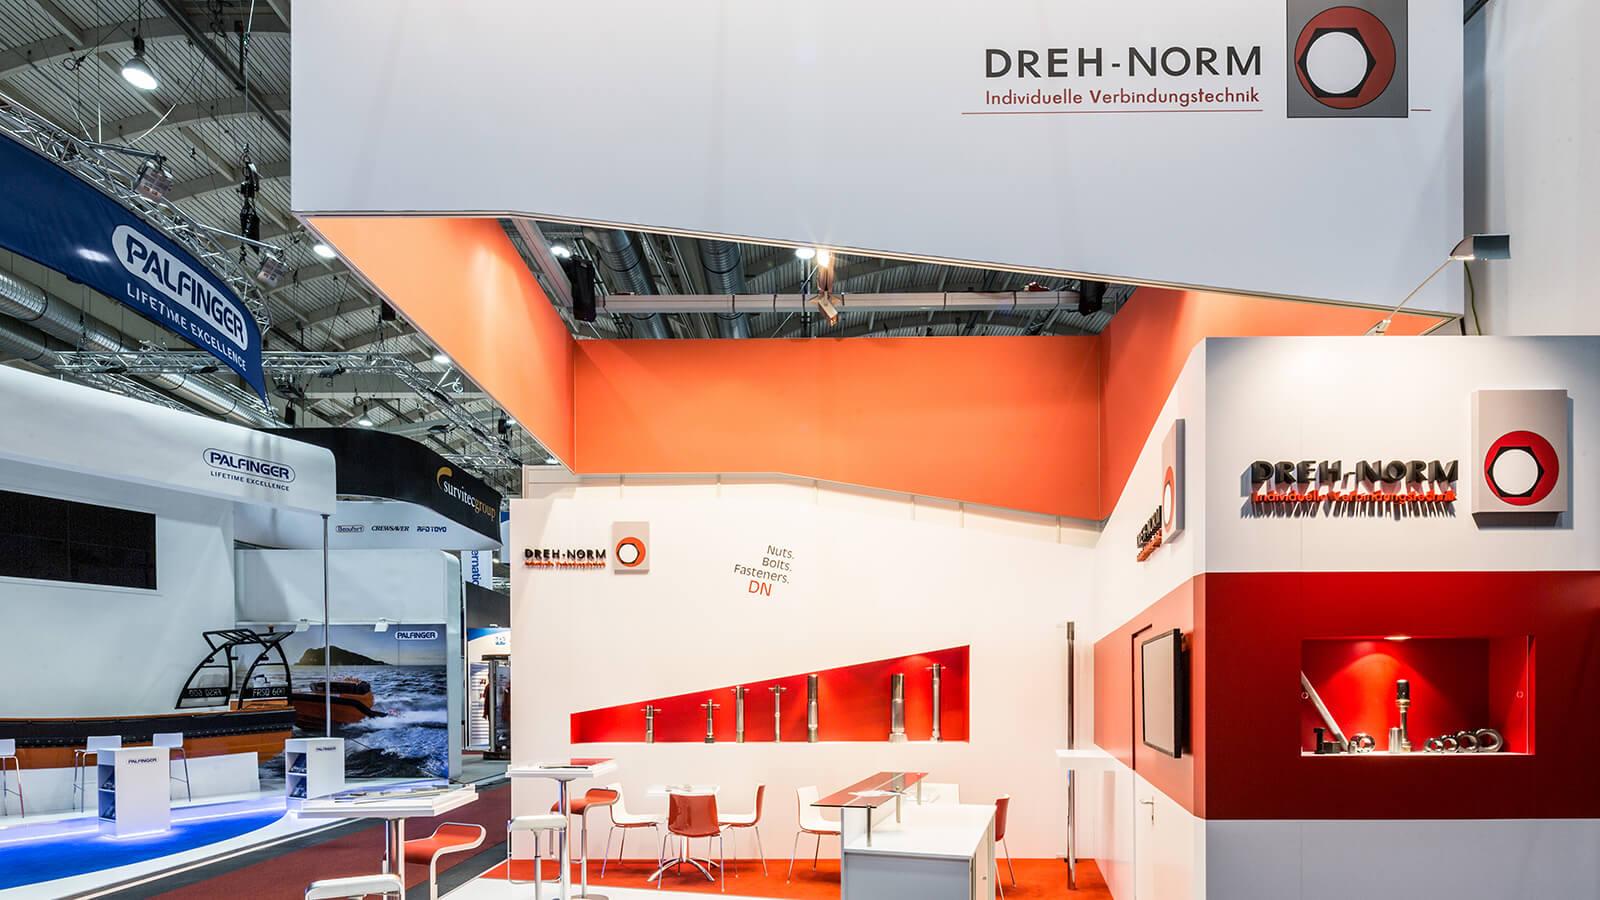 DREH-NORM_SMM_2014_0843